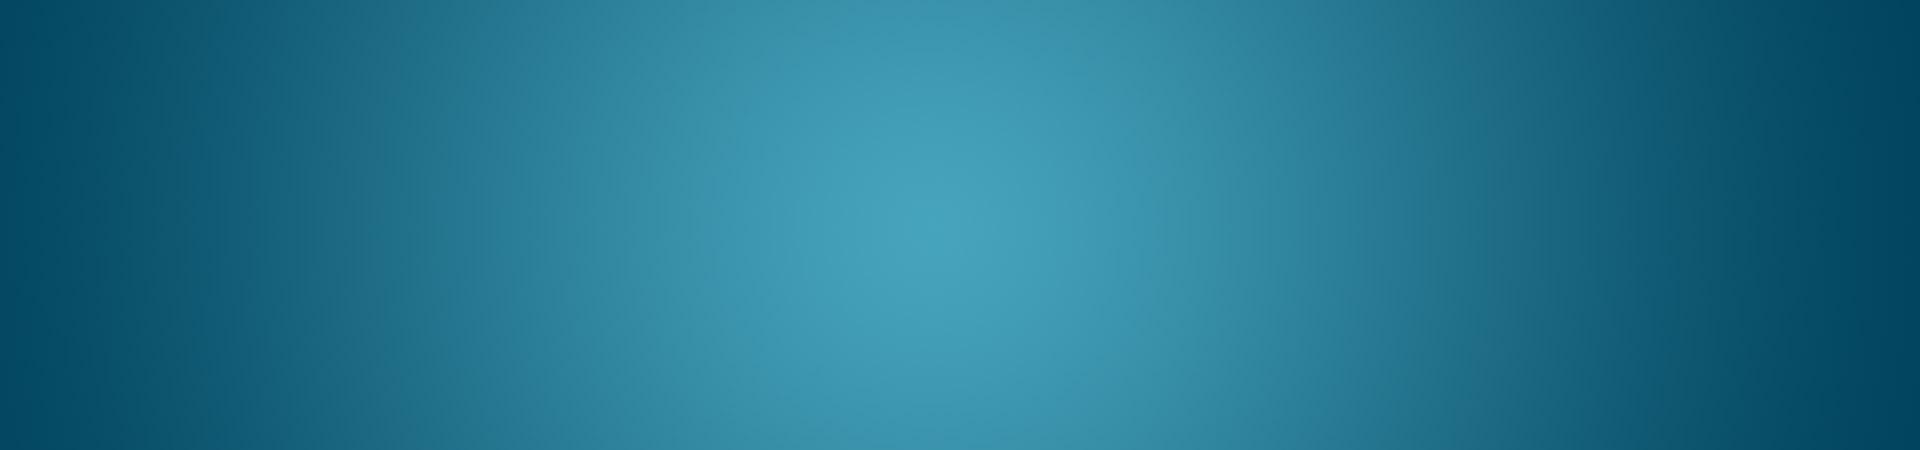 1920-Blue